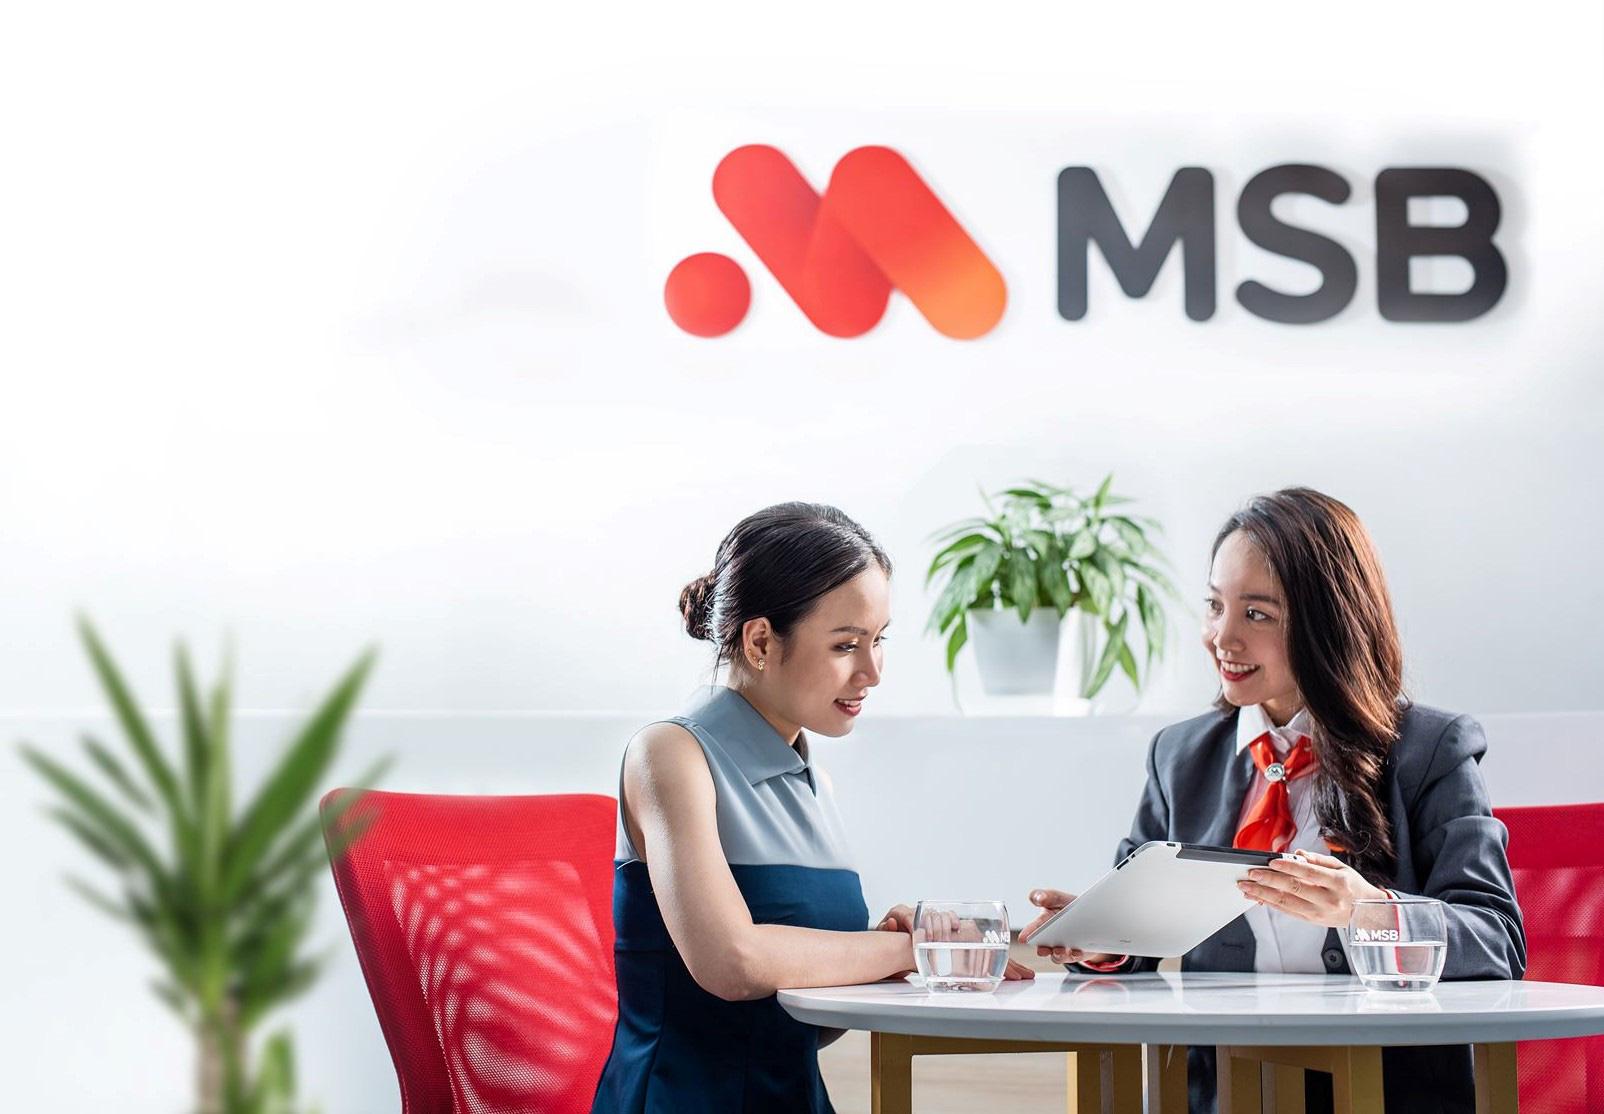 Prudential Việt Nam và MSB gia hạn và mở rộng quan hệ hợp tác chiến lược phân phối bảo hiểm qua kênh ngân hàng - Ảnh 1.